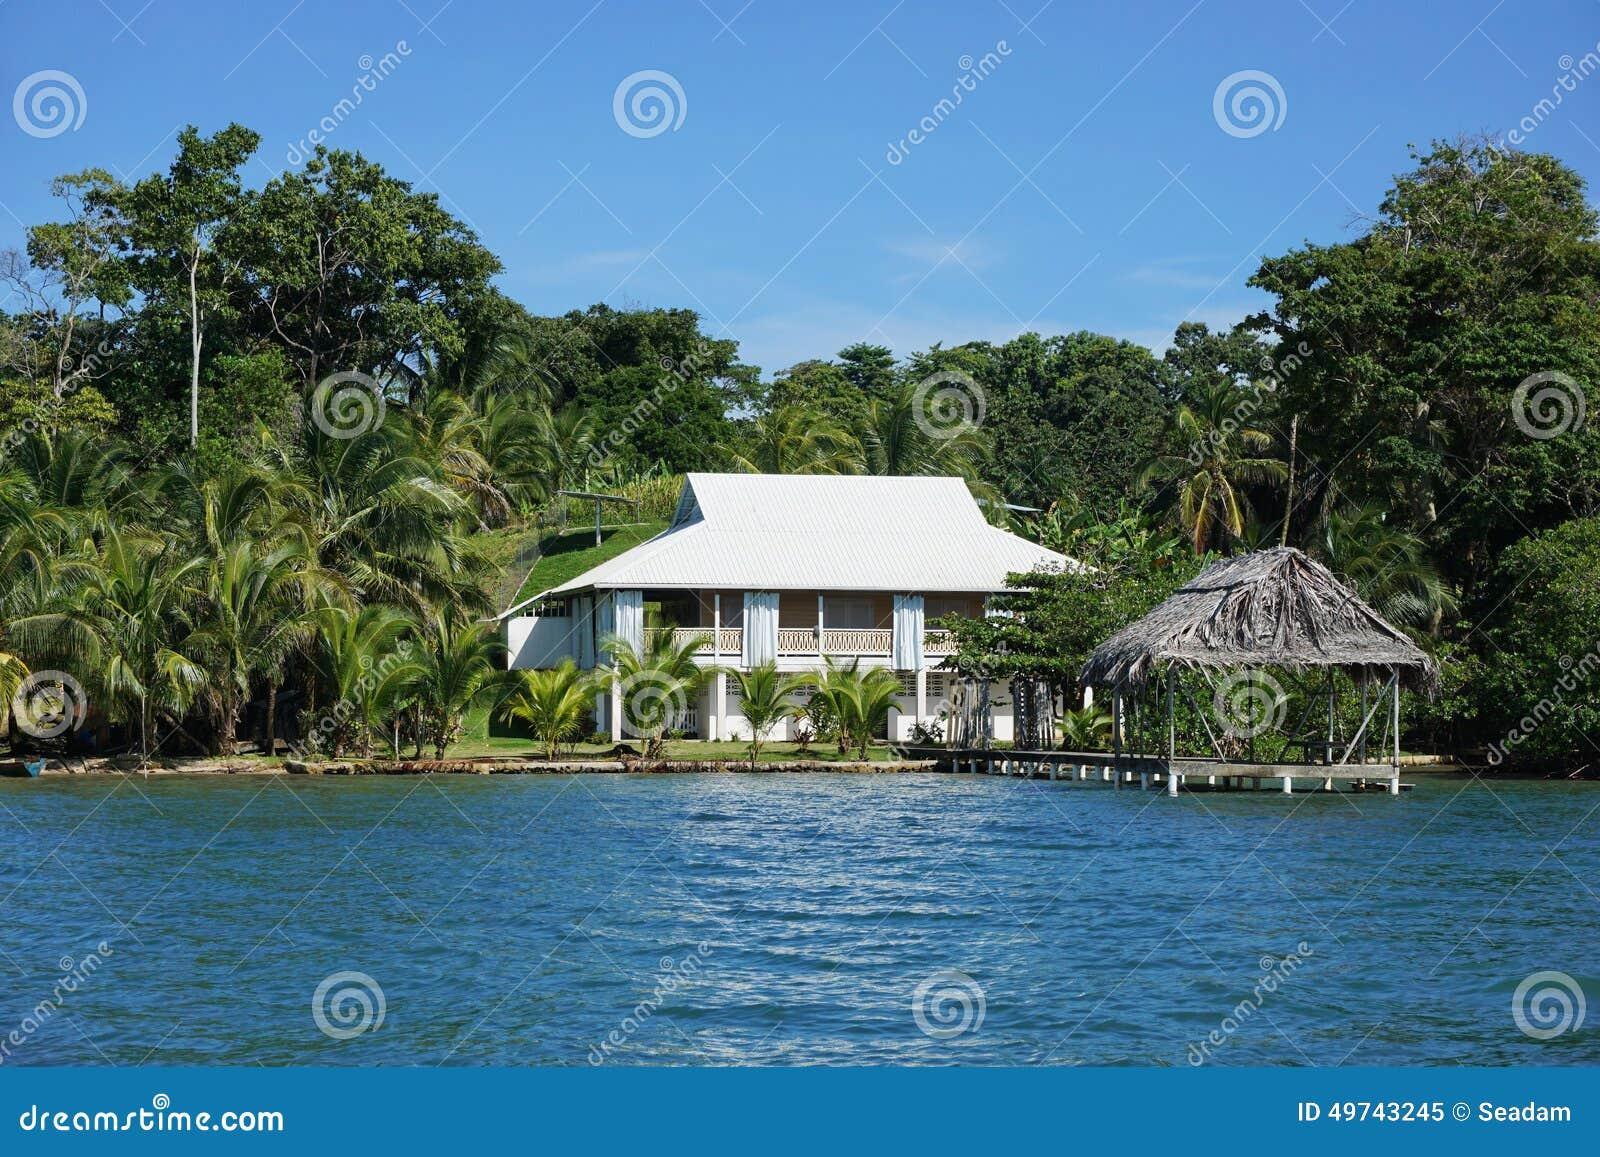 maison de bord de mer avec la hutte couverte de chaume au. Black Bedroom Furniture Sets. Home Design Ideas